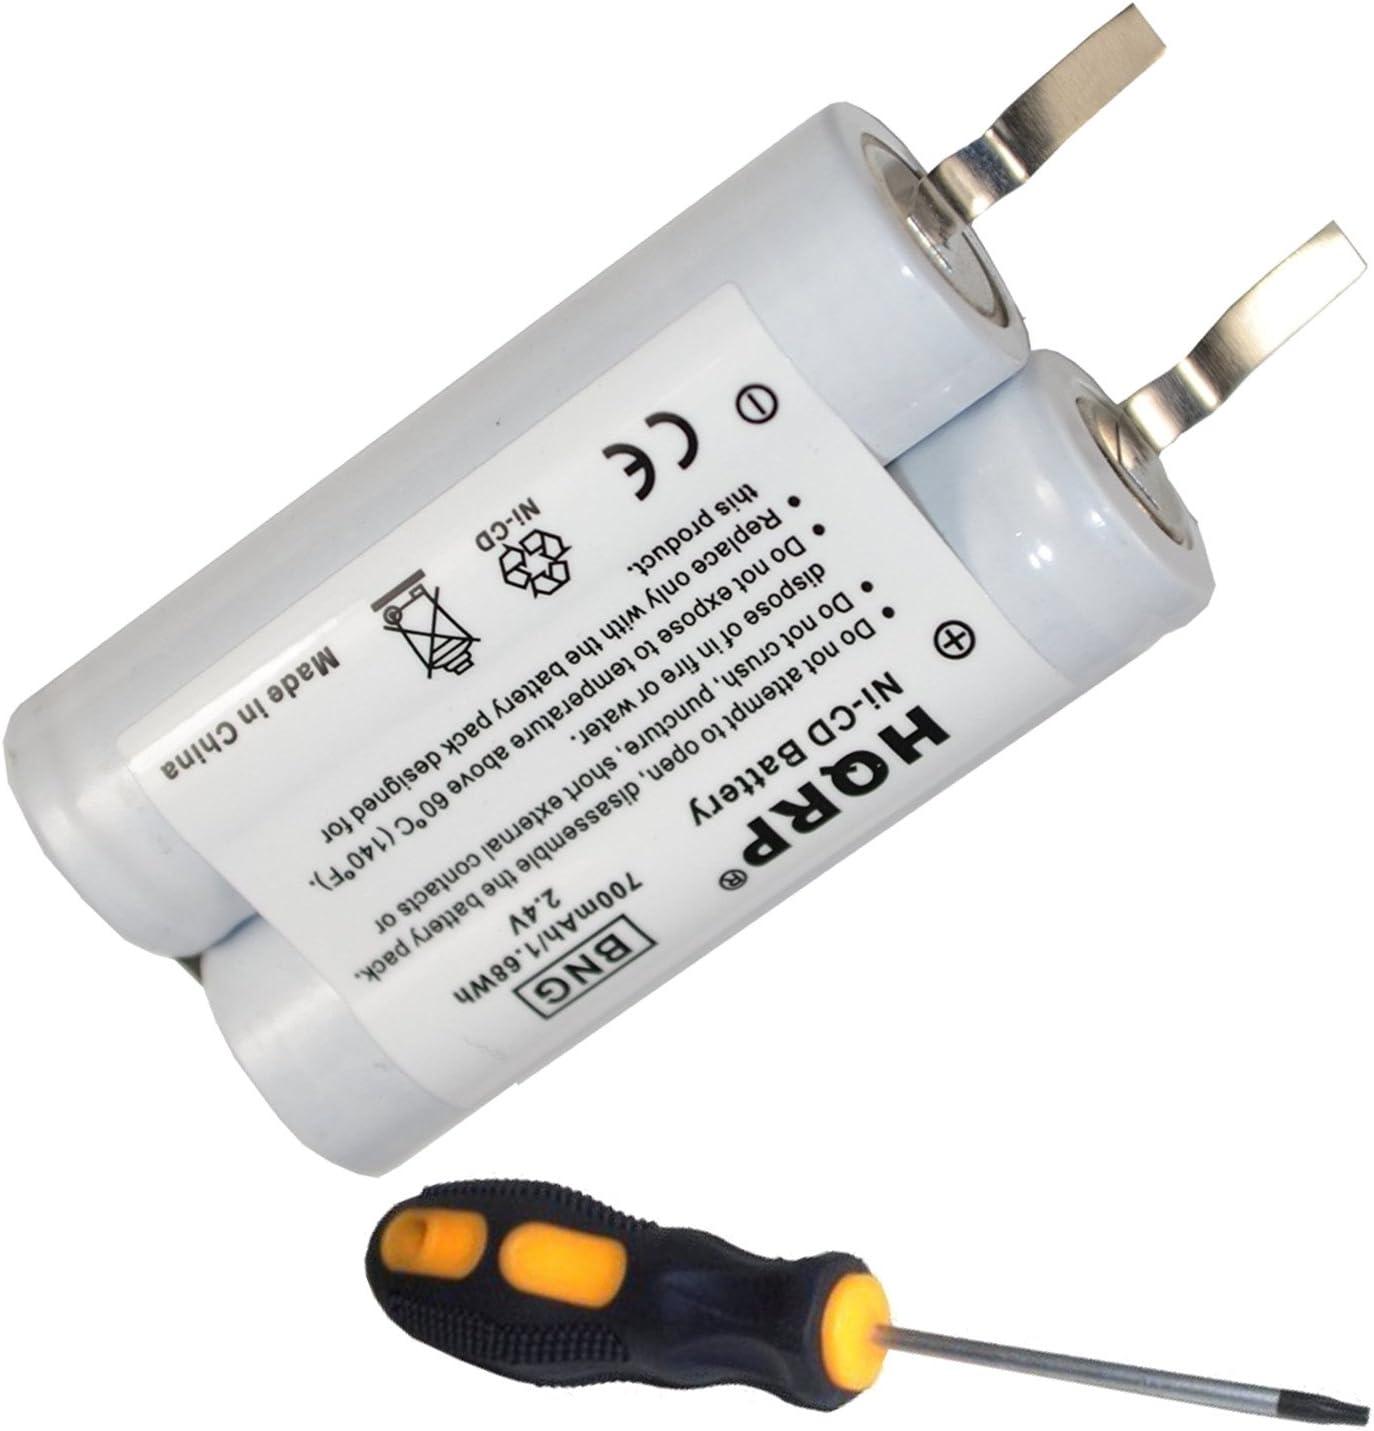 HQRP batería para Philips Norelco 8865 X L, 8867 X L, 8883 X L ...